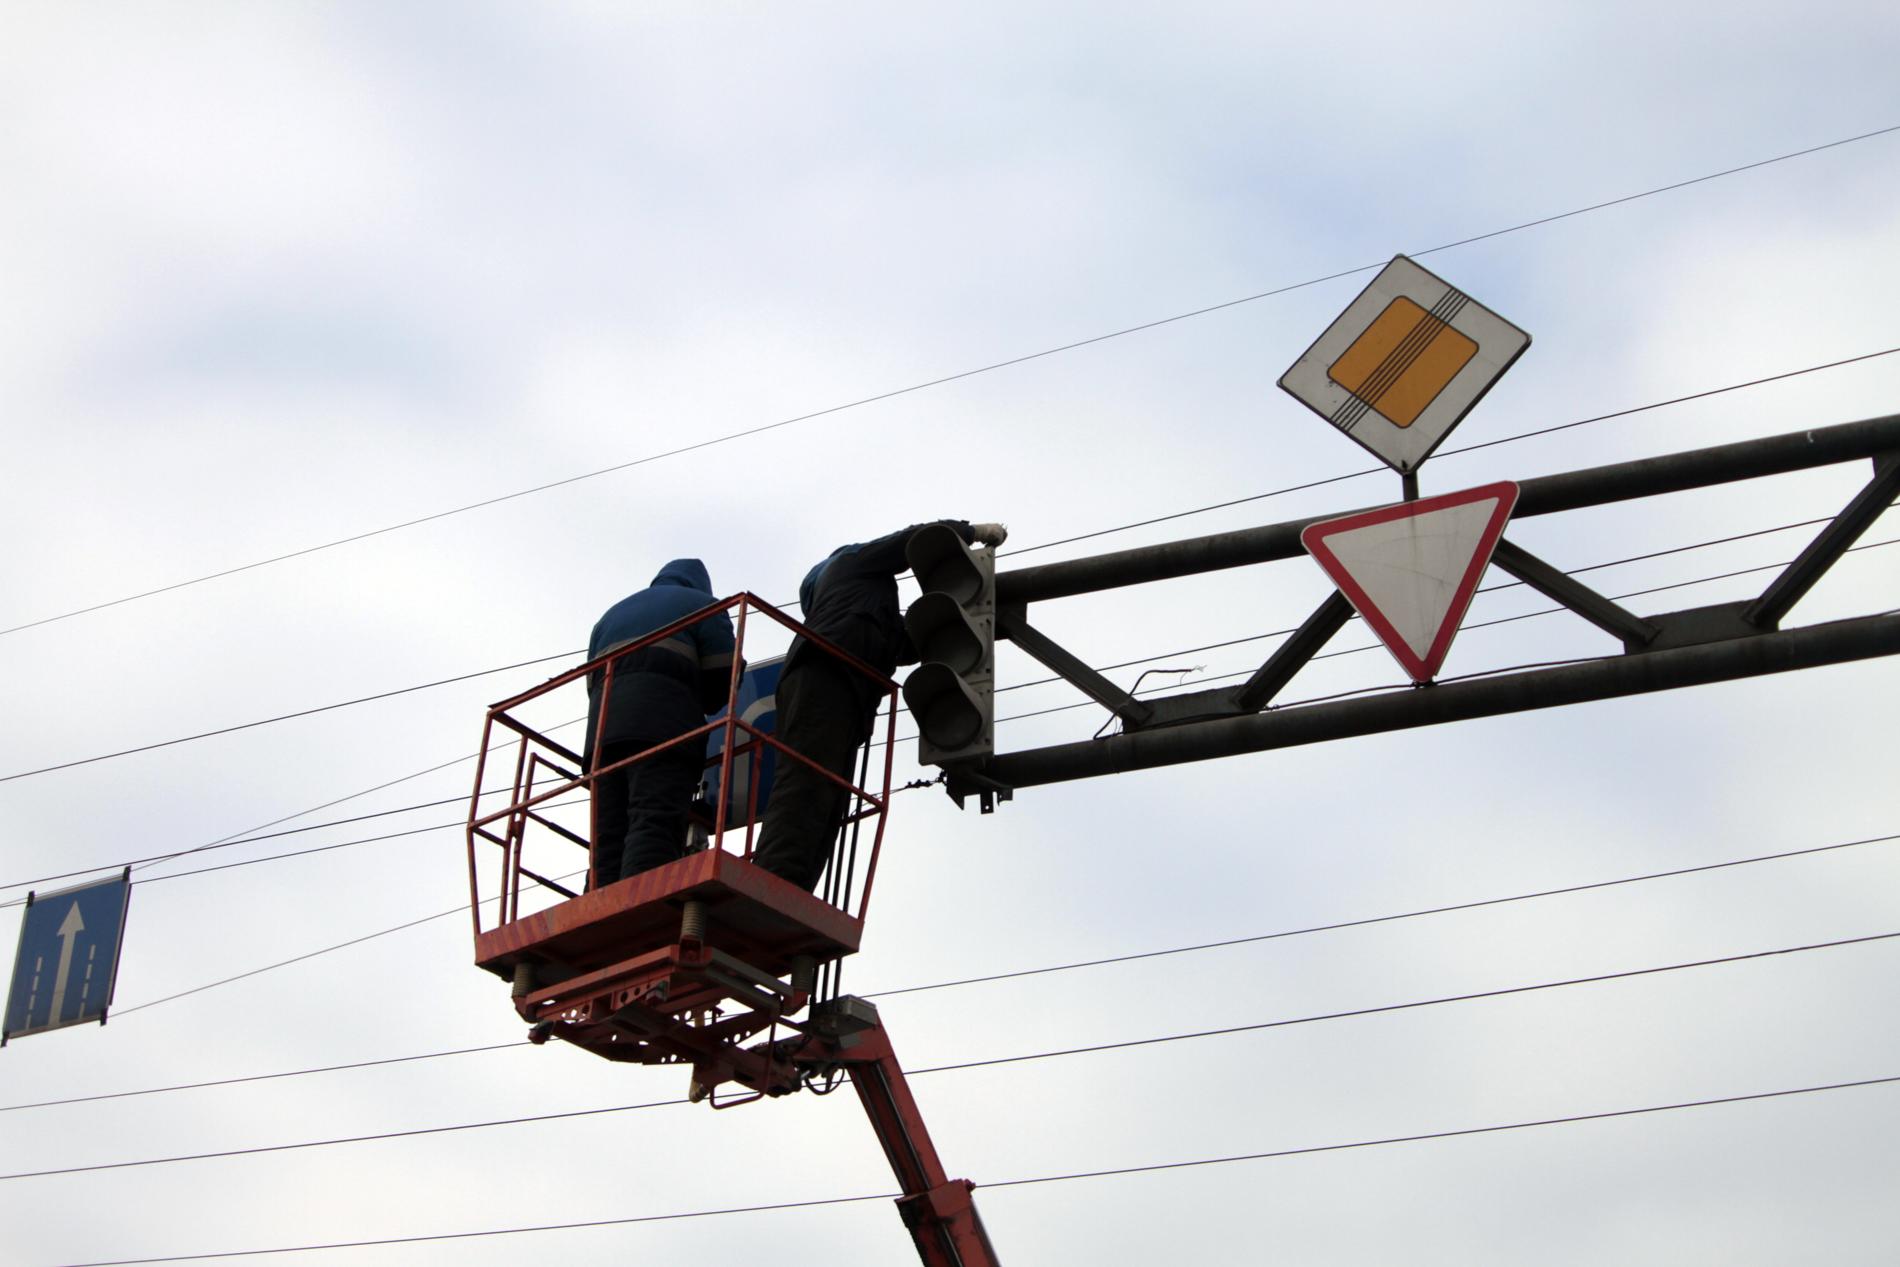 Дождик вывел из строя несколько светофоров в Екатеринбурге